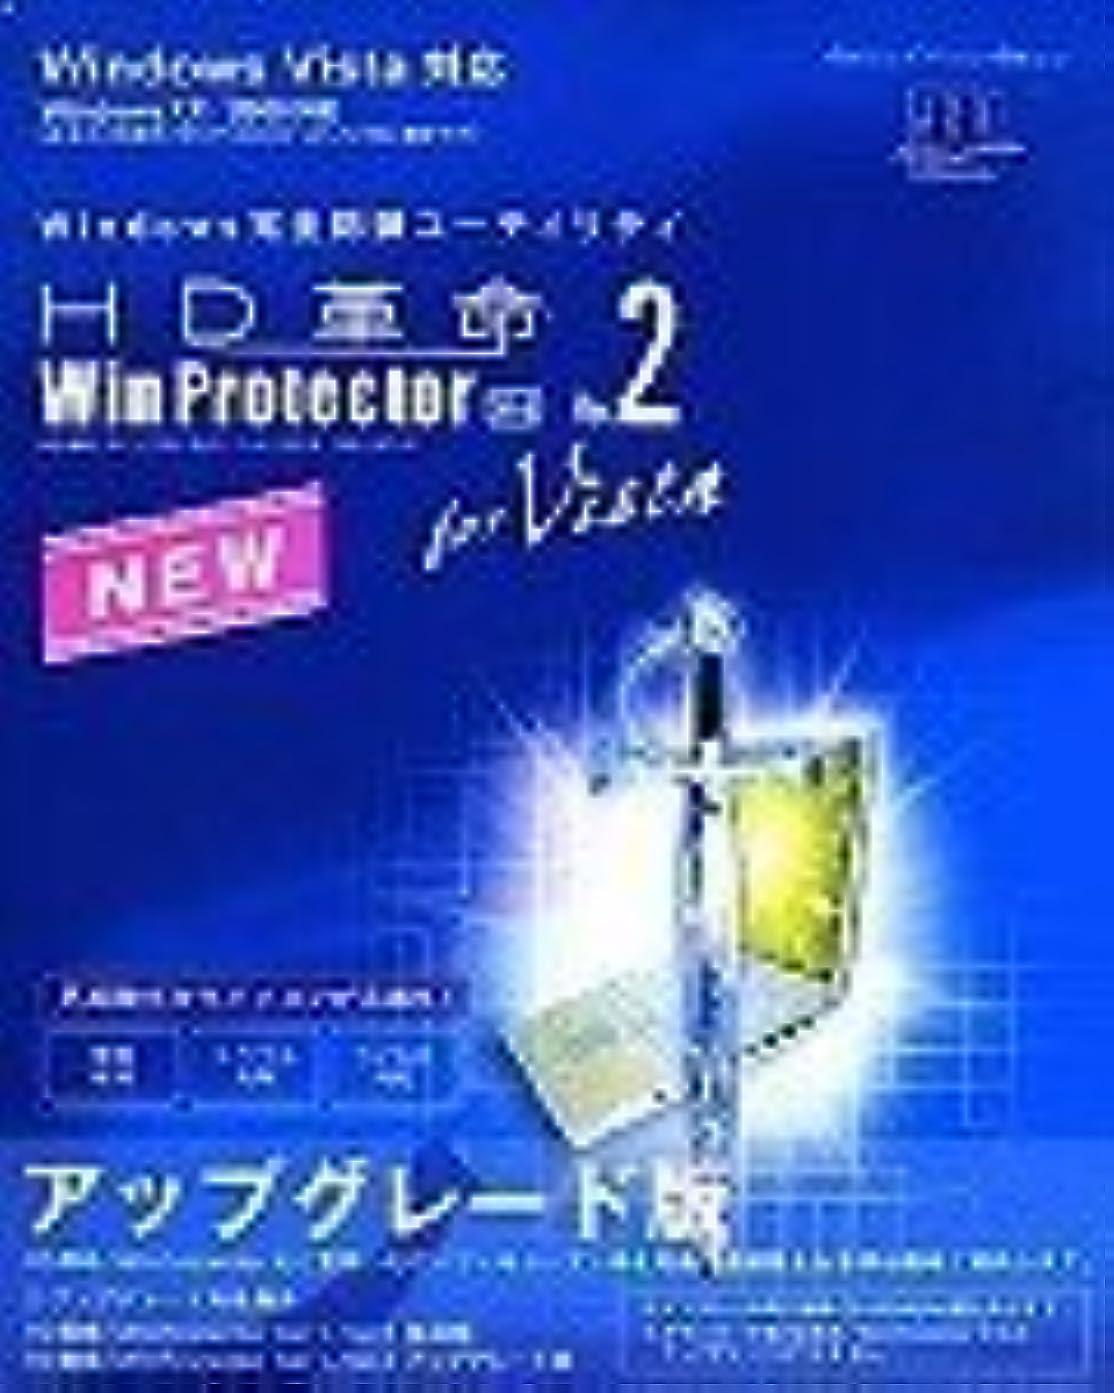 最終静めるオペレーターHD革命/WinProtector Ver.2 for Vista Std アップグレード版